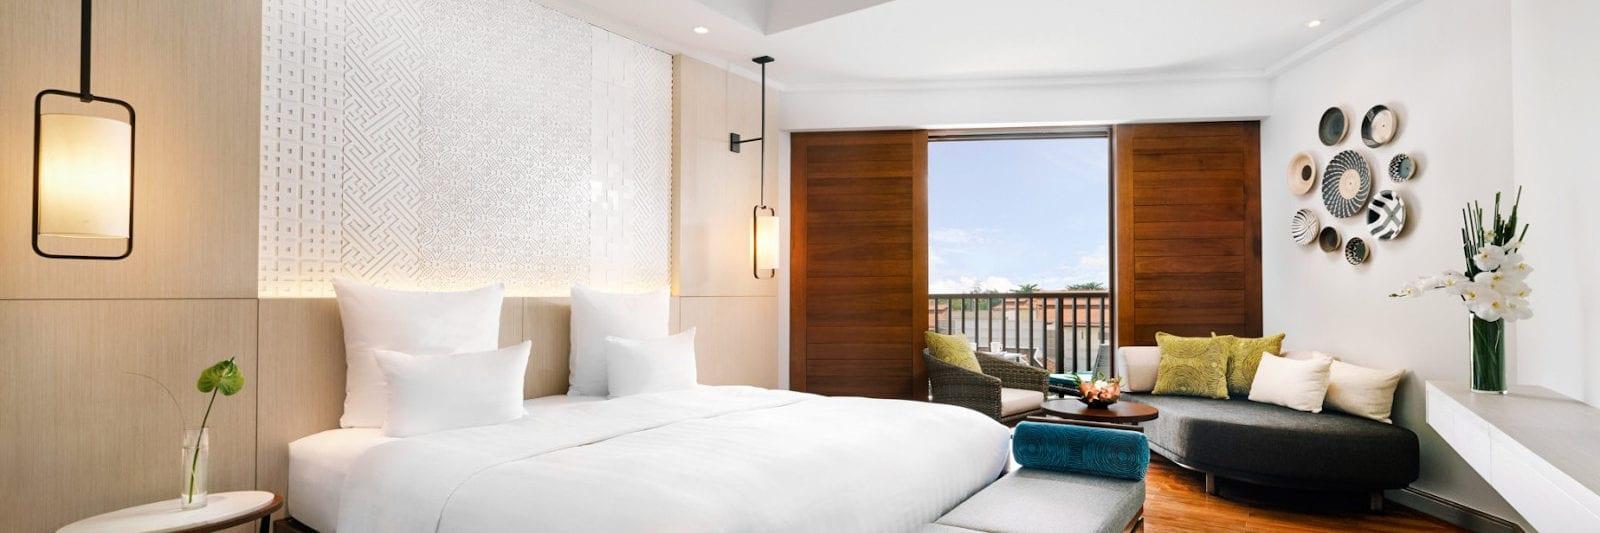 5 Star Hotel Pullman Danang Resort Vietnam